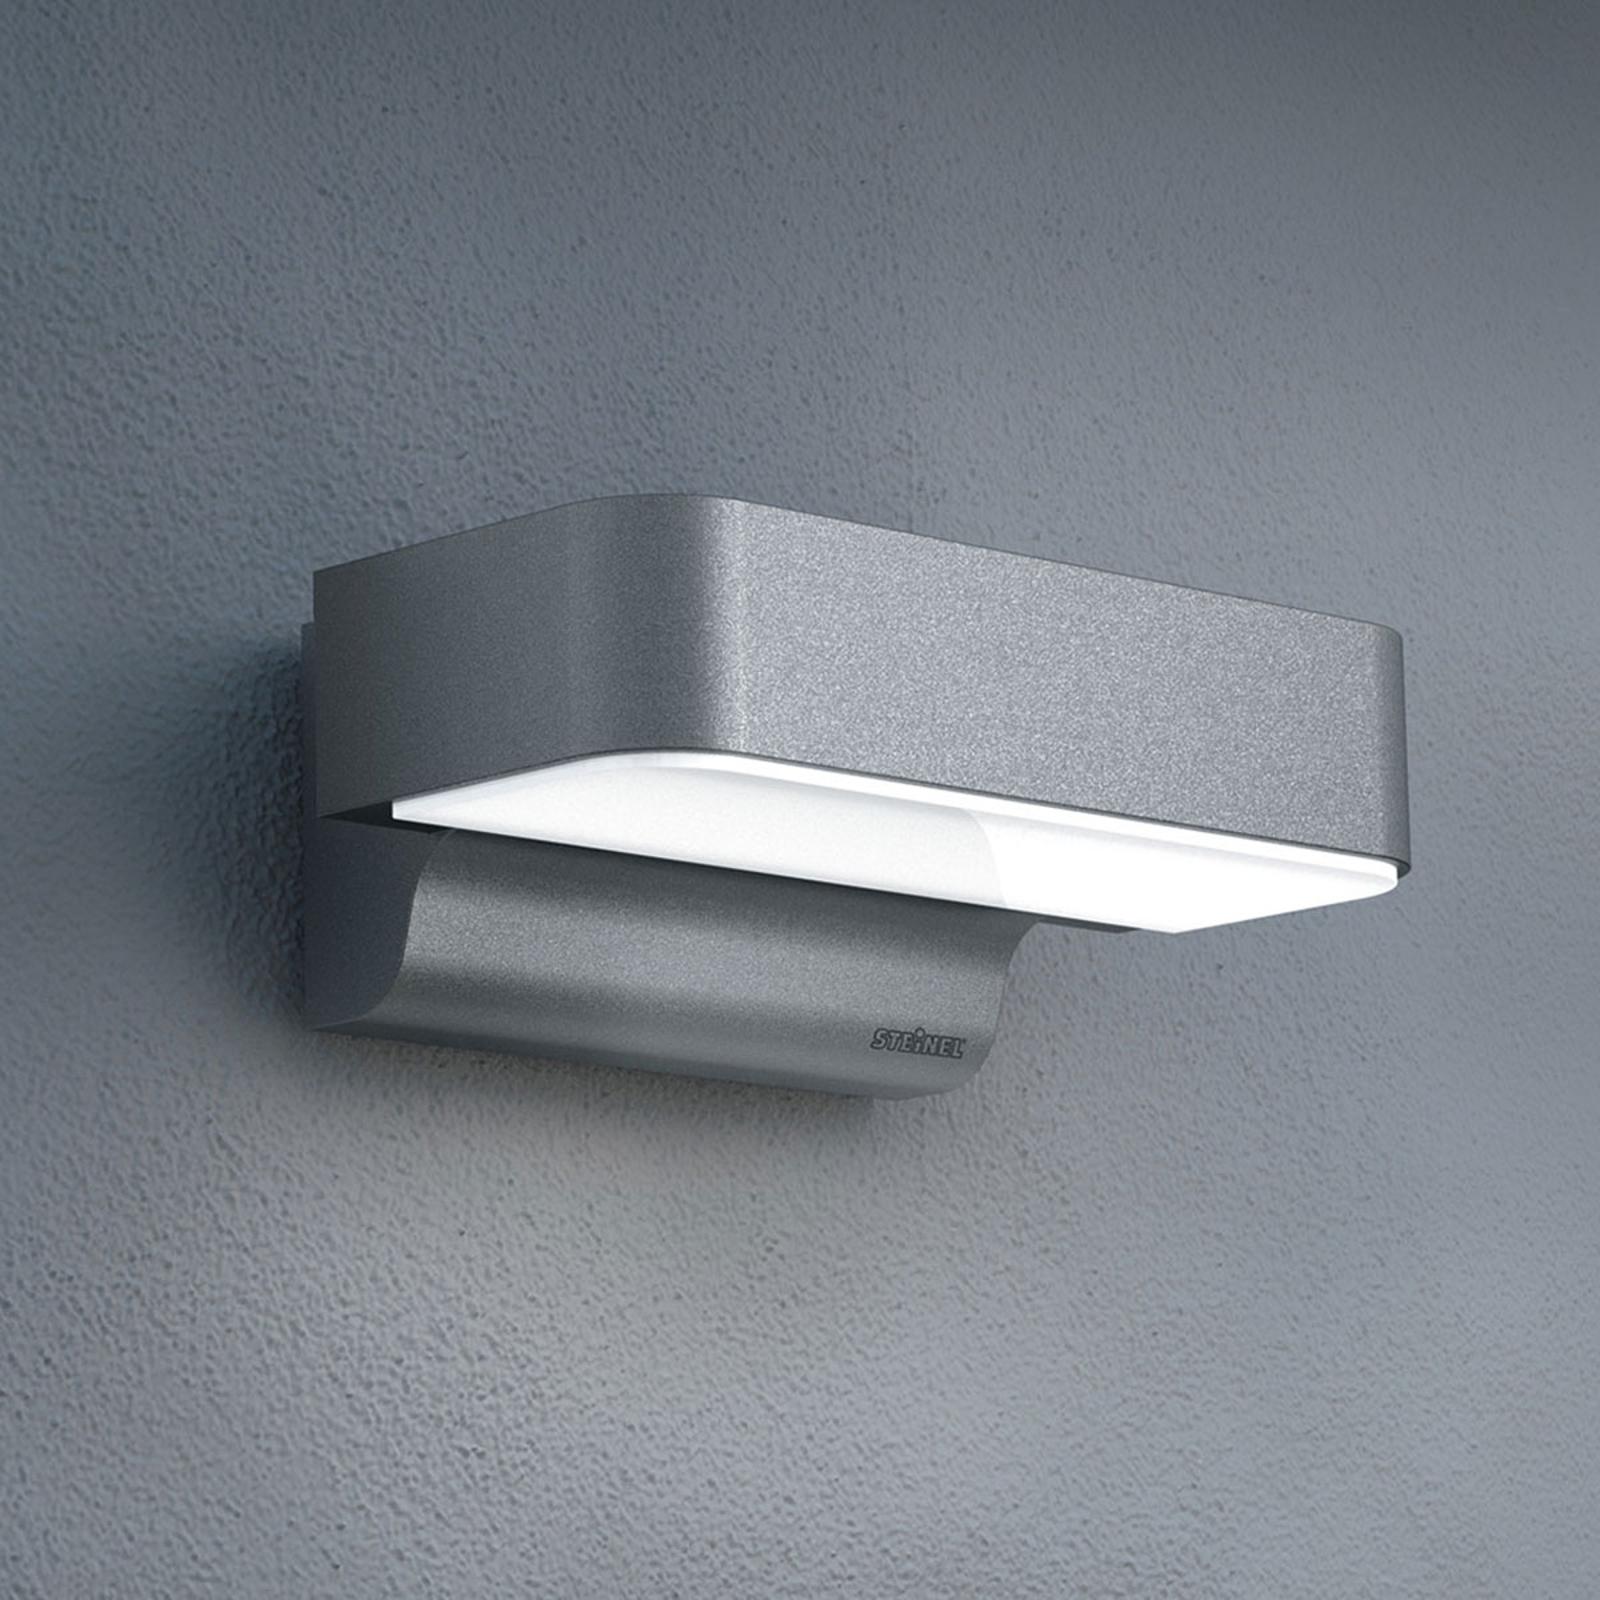 STEINEL L 800 LED iHF Connect lampe à capteur